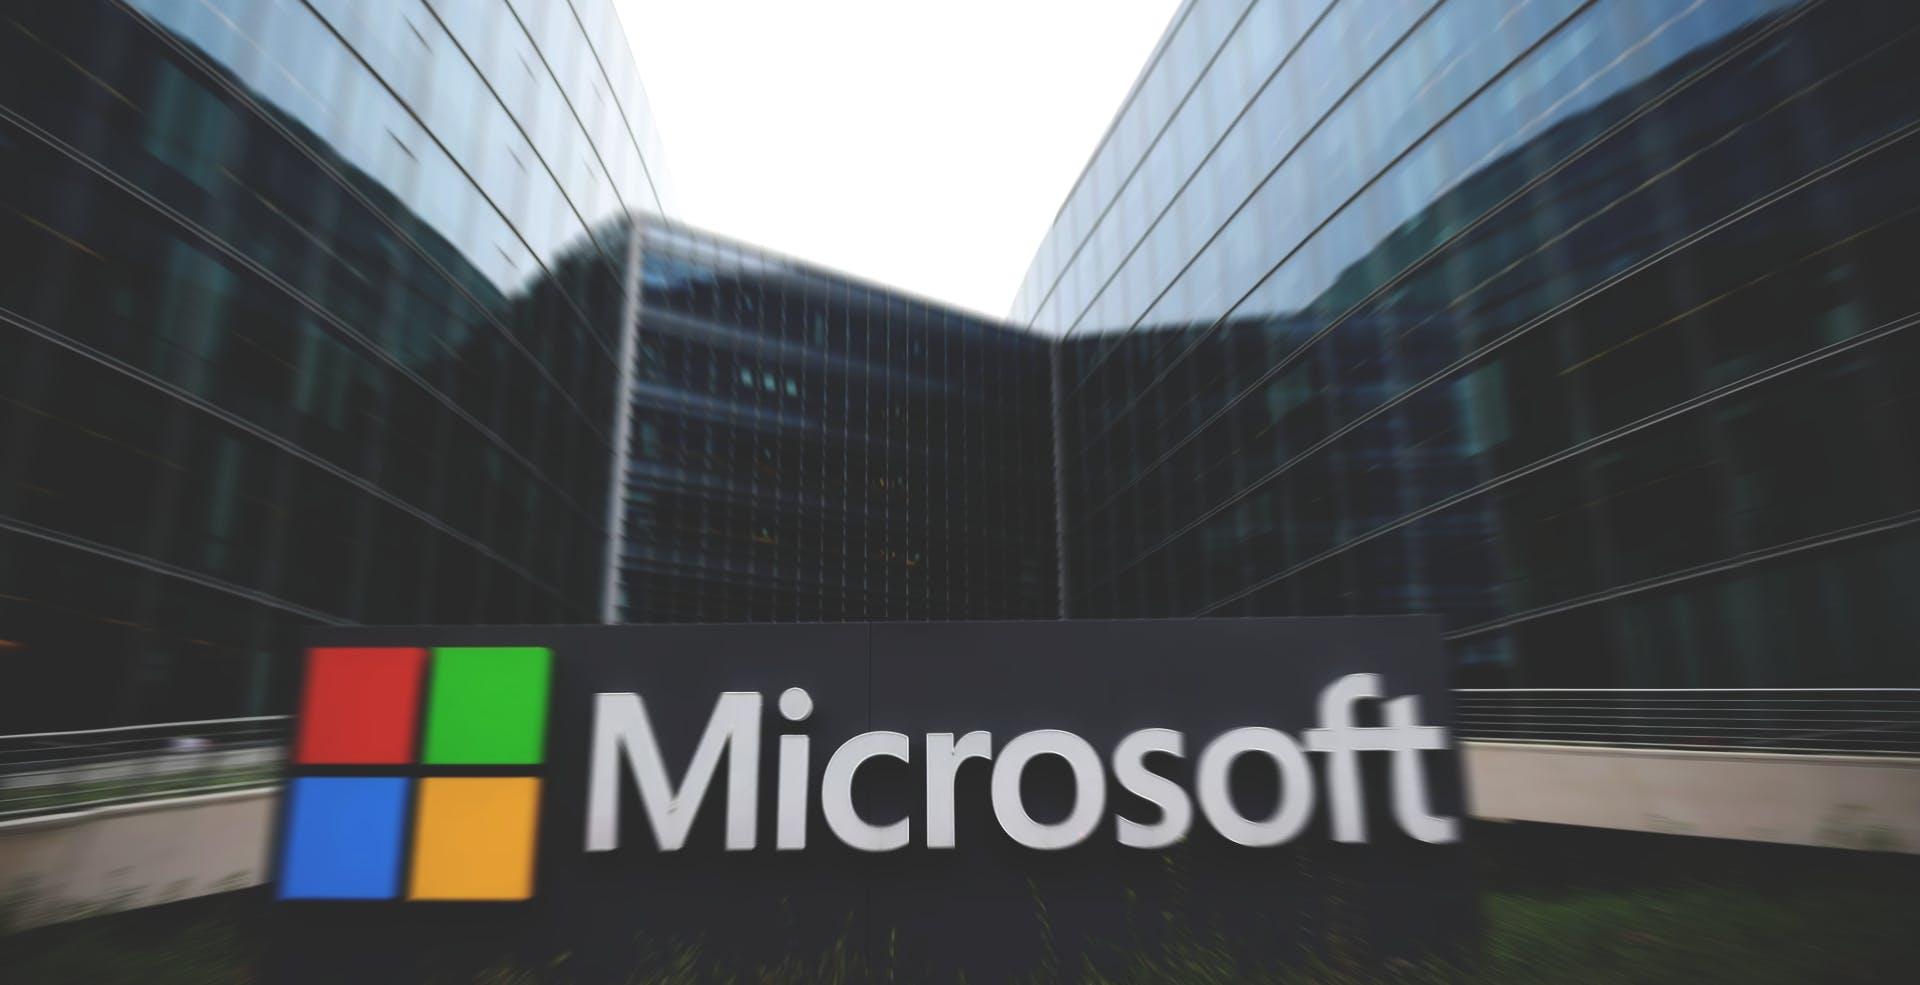 Microsoft vola durante la pandemia. L'utile netto del primo trimestre 2021 segna +30%